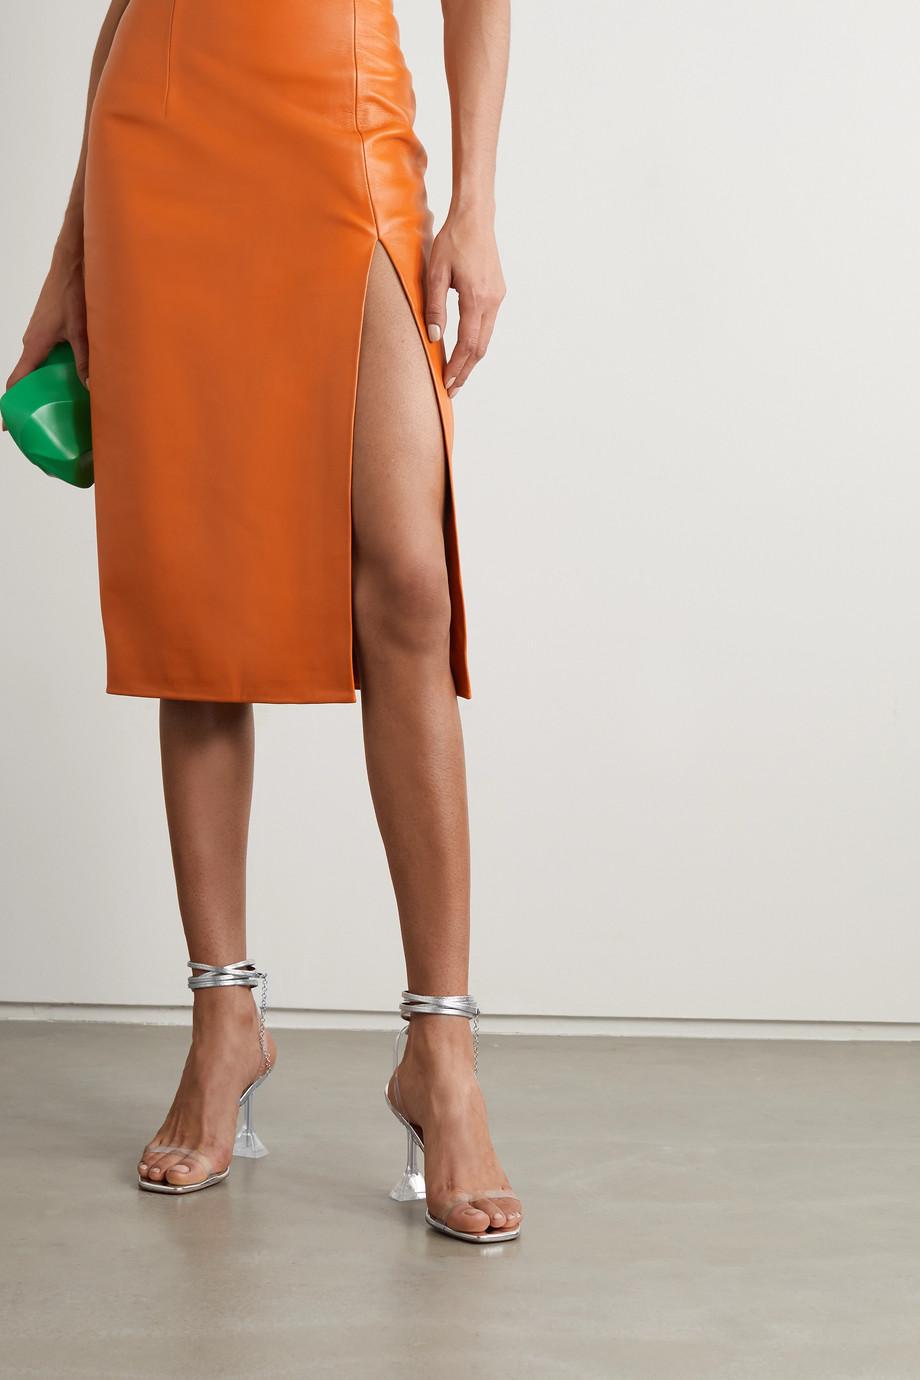 Amina Muaddi Sandales en PVC et en cuir métallisé à chaînes Henson